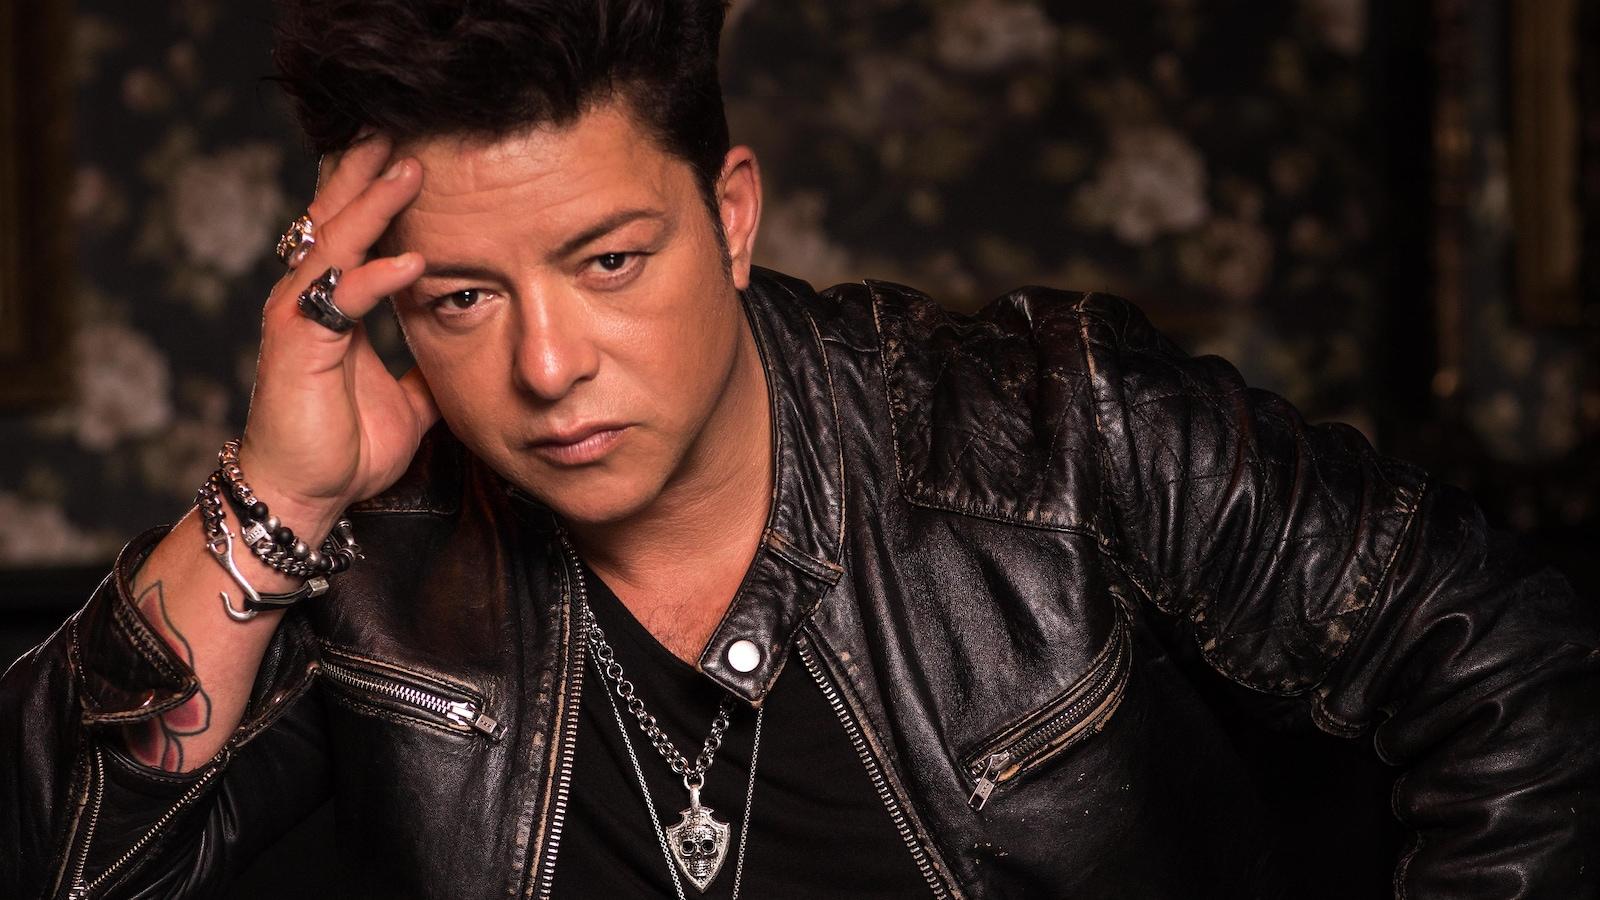 Le chanteur prend la pose dans son éternel veston de cuir, les bagues aux doigts.